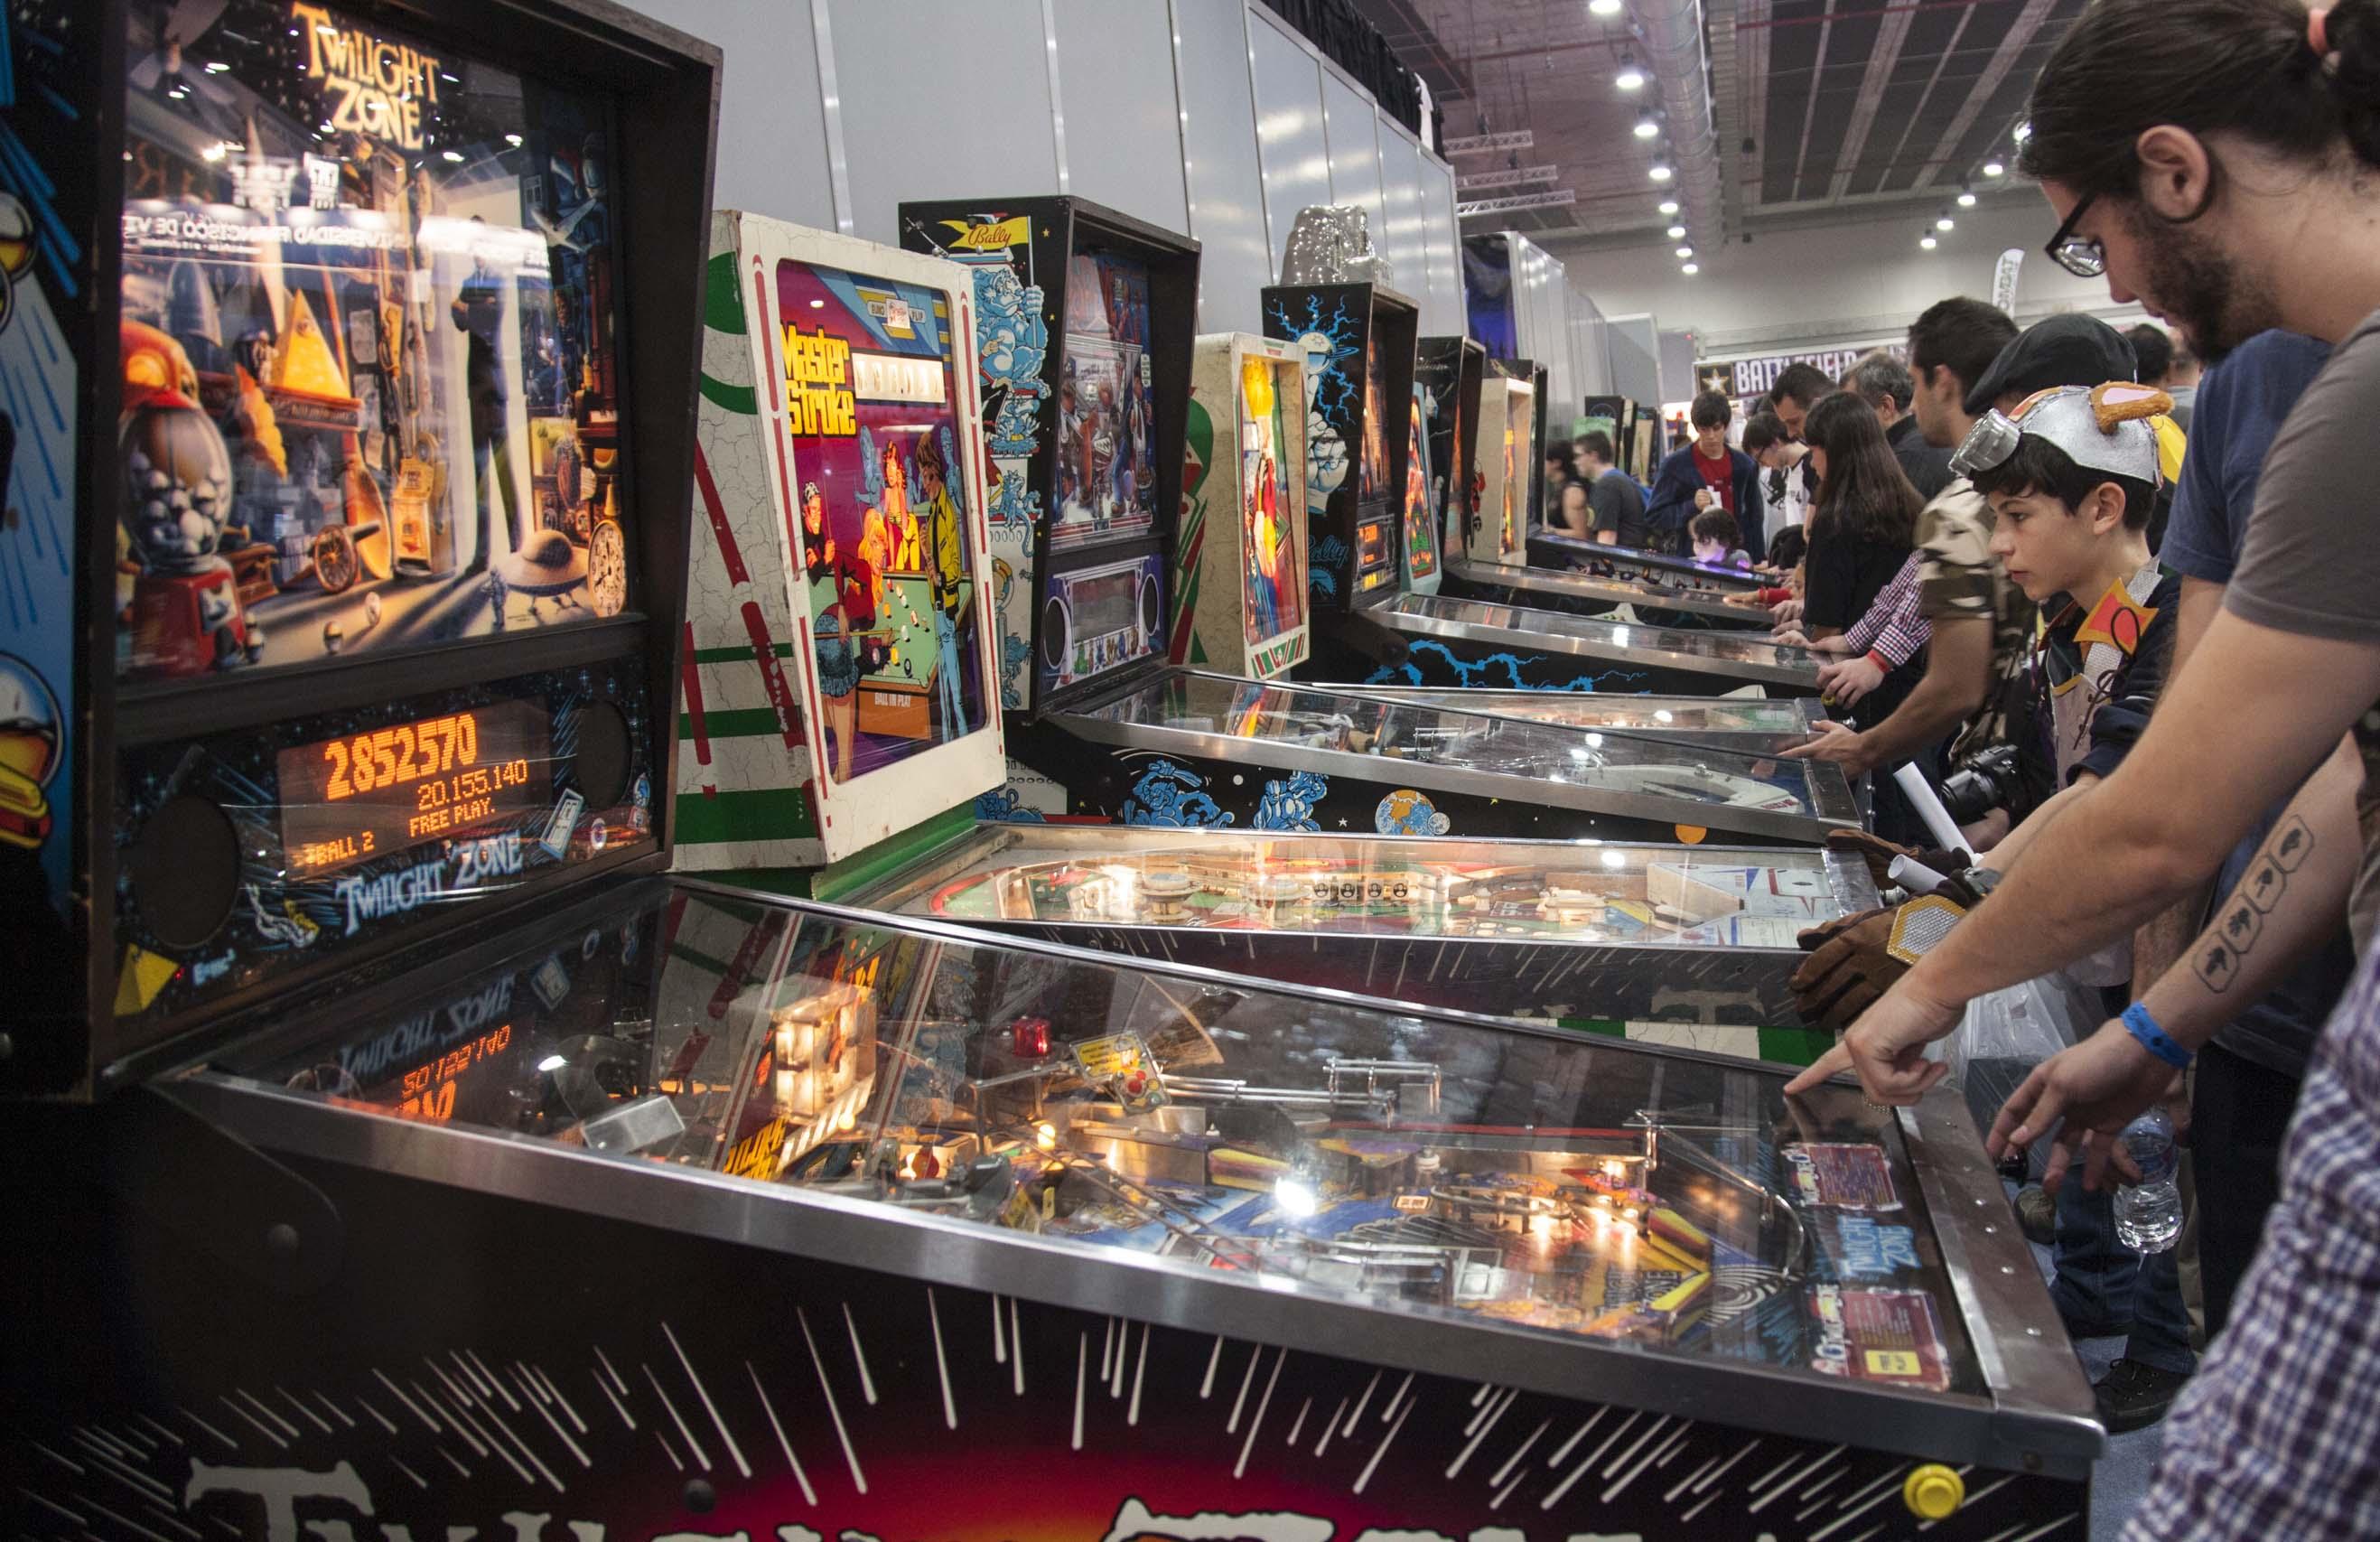 Los pinball son todo un fenómeno. La colección de máquinas en MGE es extraordinaria, con máquinas de todas las épocas, incluyendo algunas de los años 70. Para jugar con ellas había que hacer mucha cola, pero merece la pena.